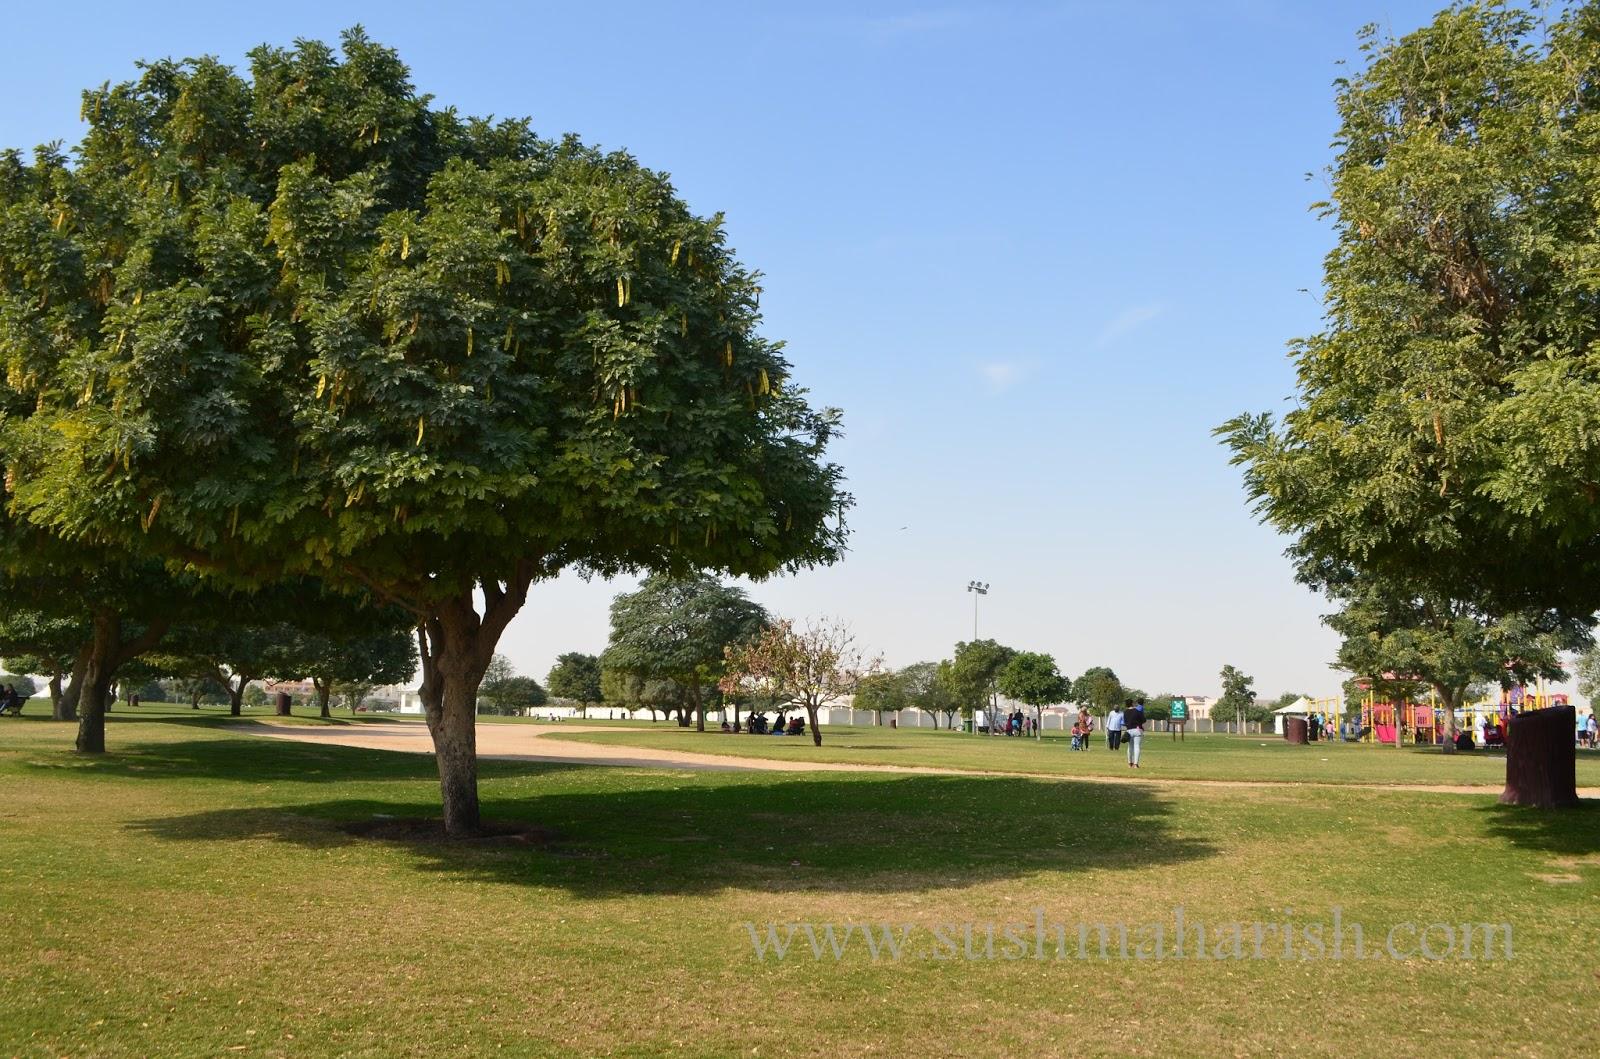 The Fairy Tale Park Of Doha 28